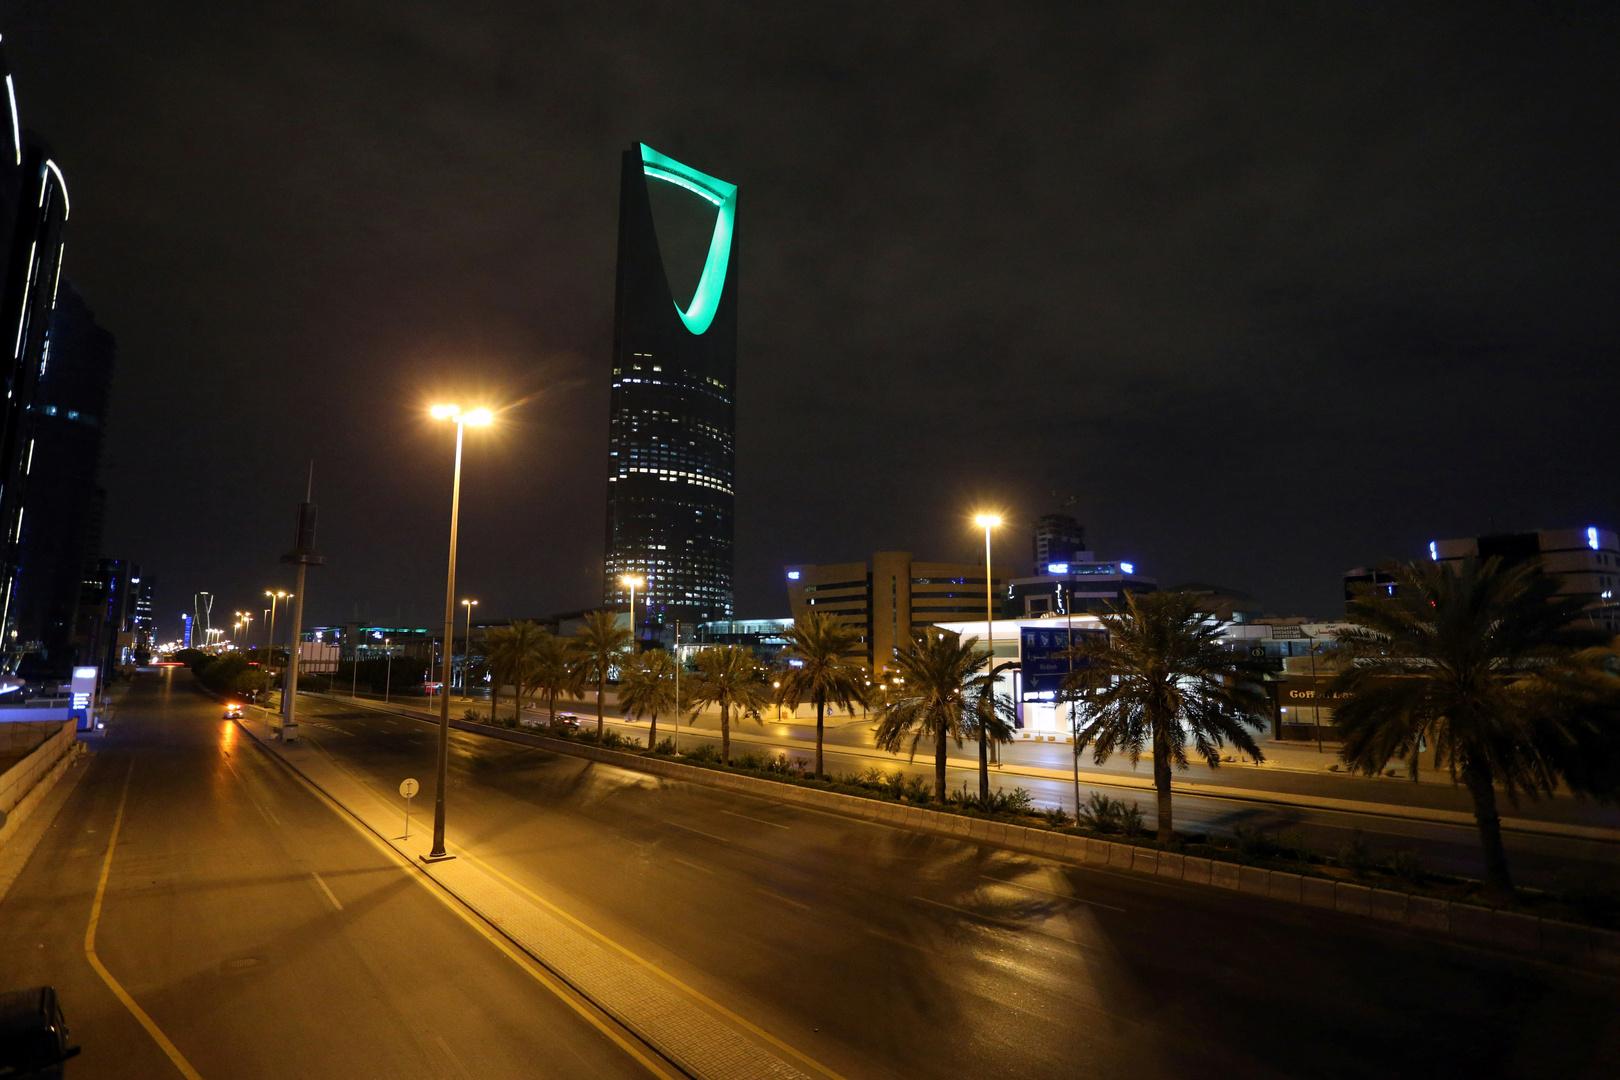 السعودية.. إحباط تهريب أكثر من 20 مليون قرص مخدر بداخل شحنة عنب (صور+فيديو)